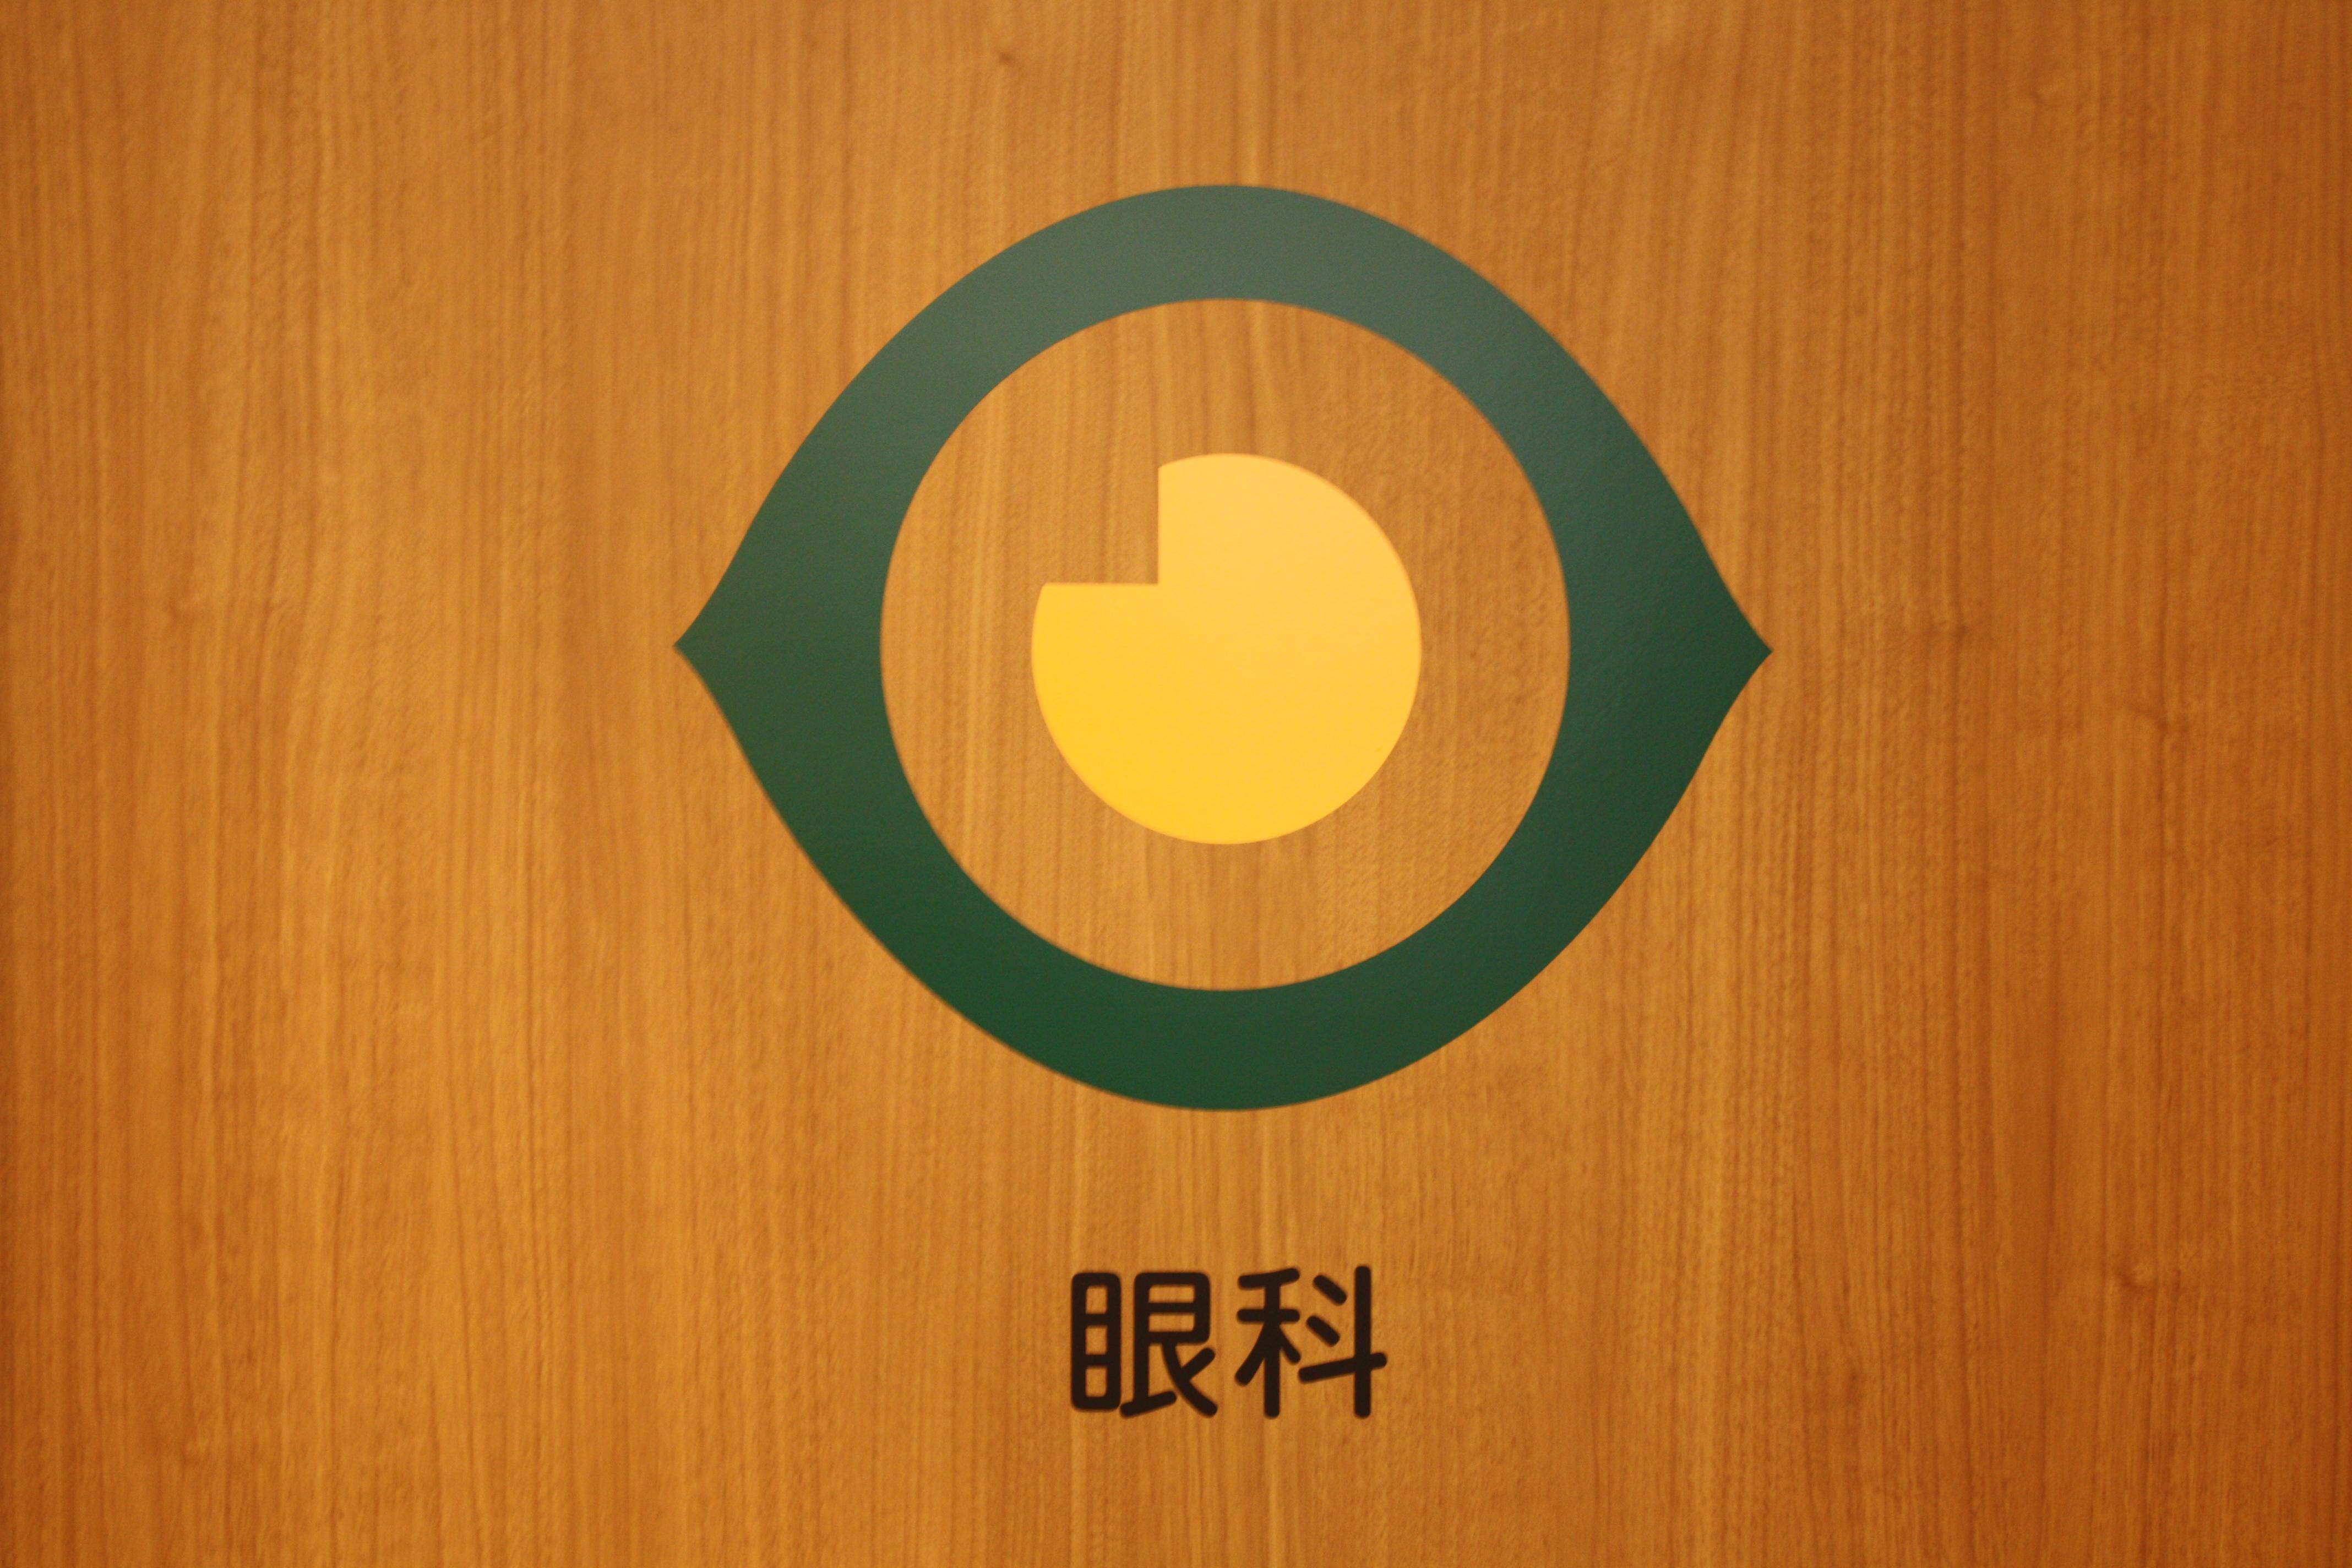 眼科の専門診療を行っています。